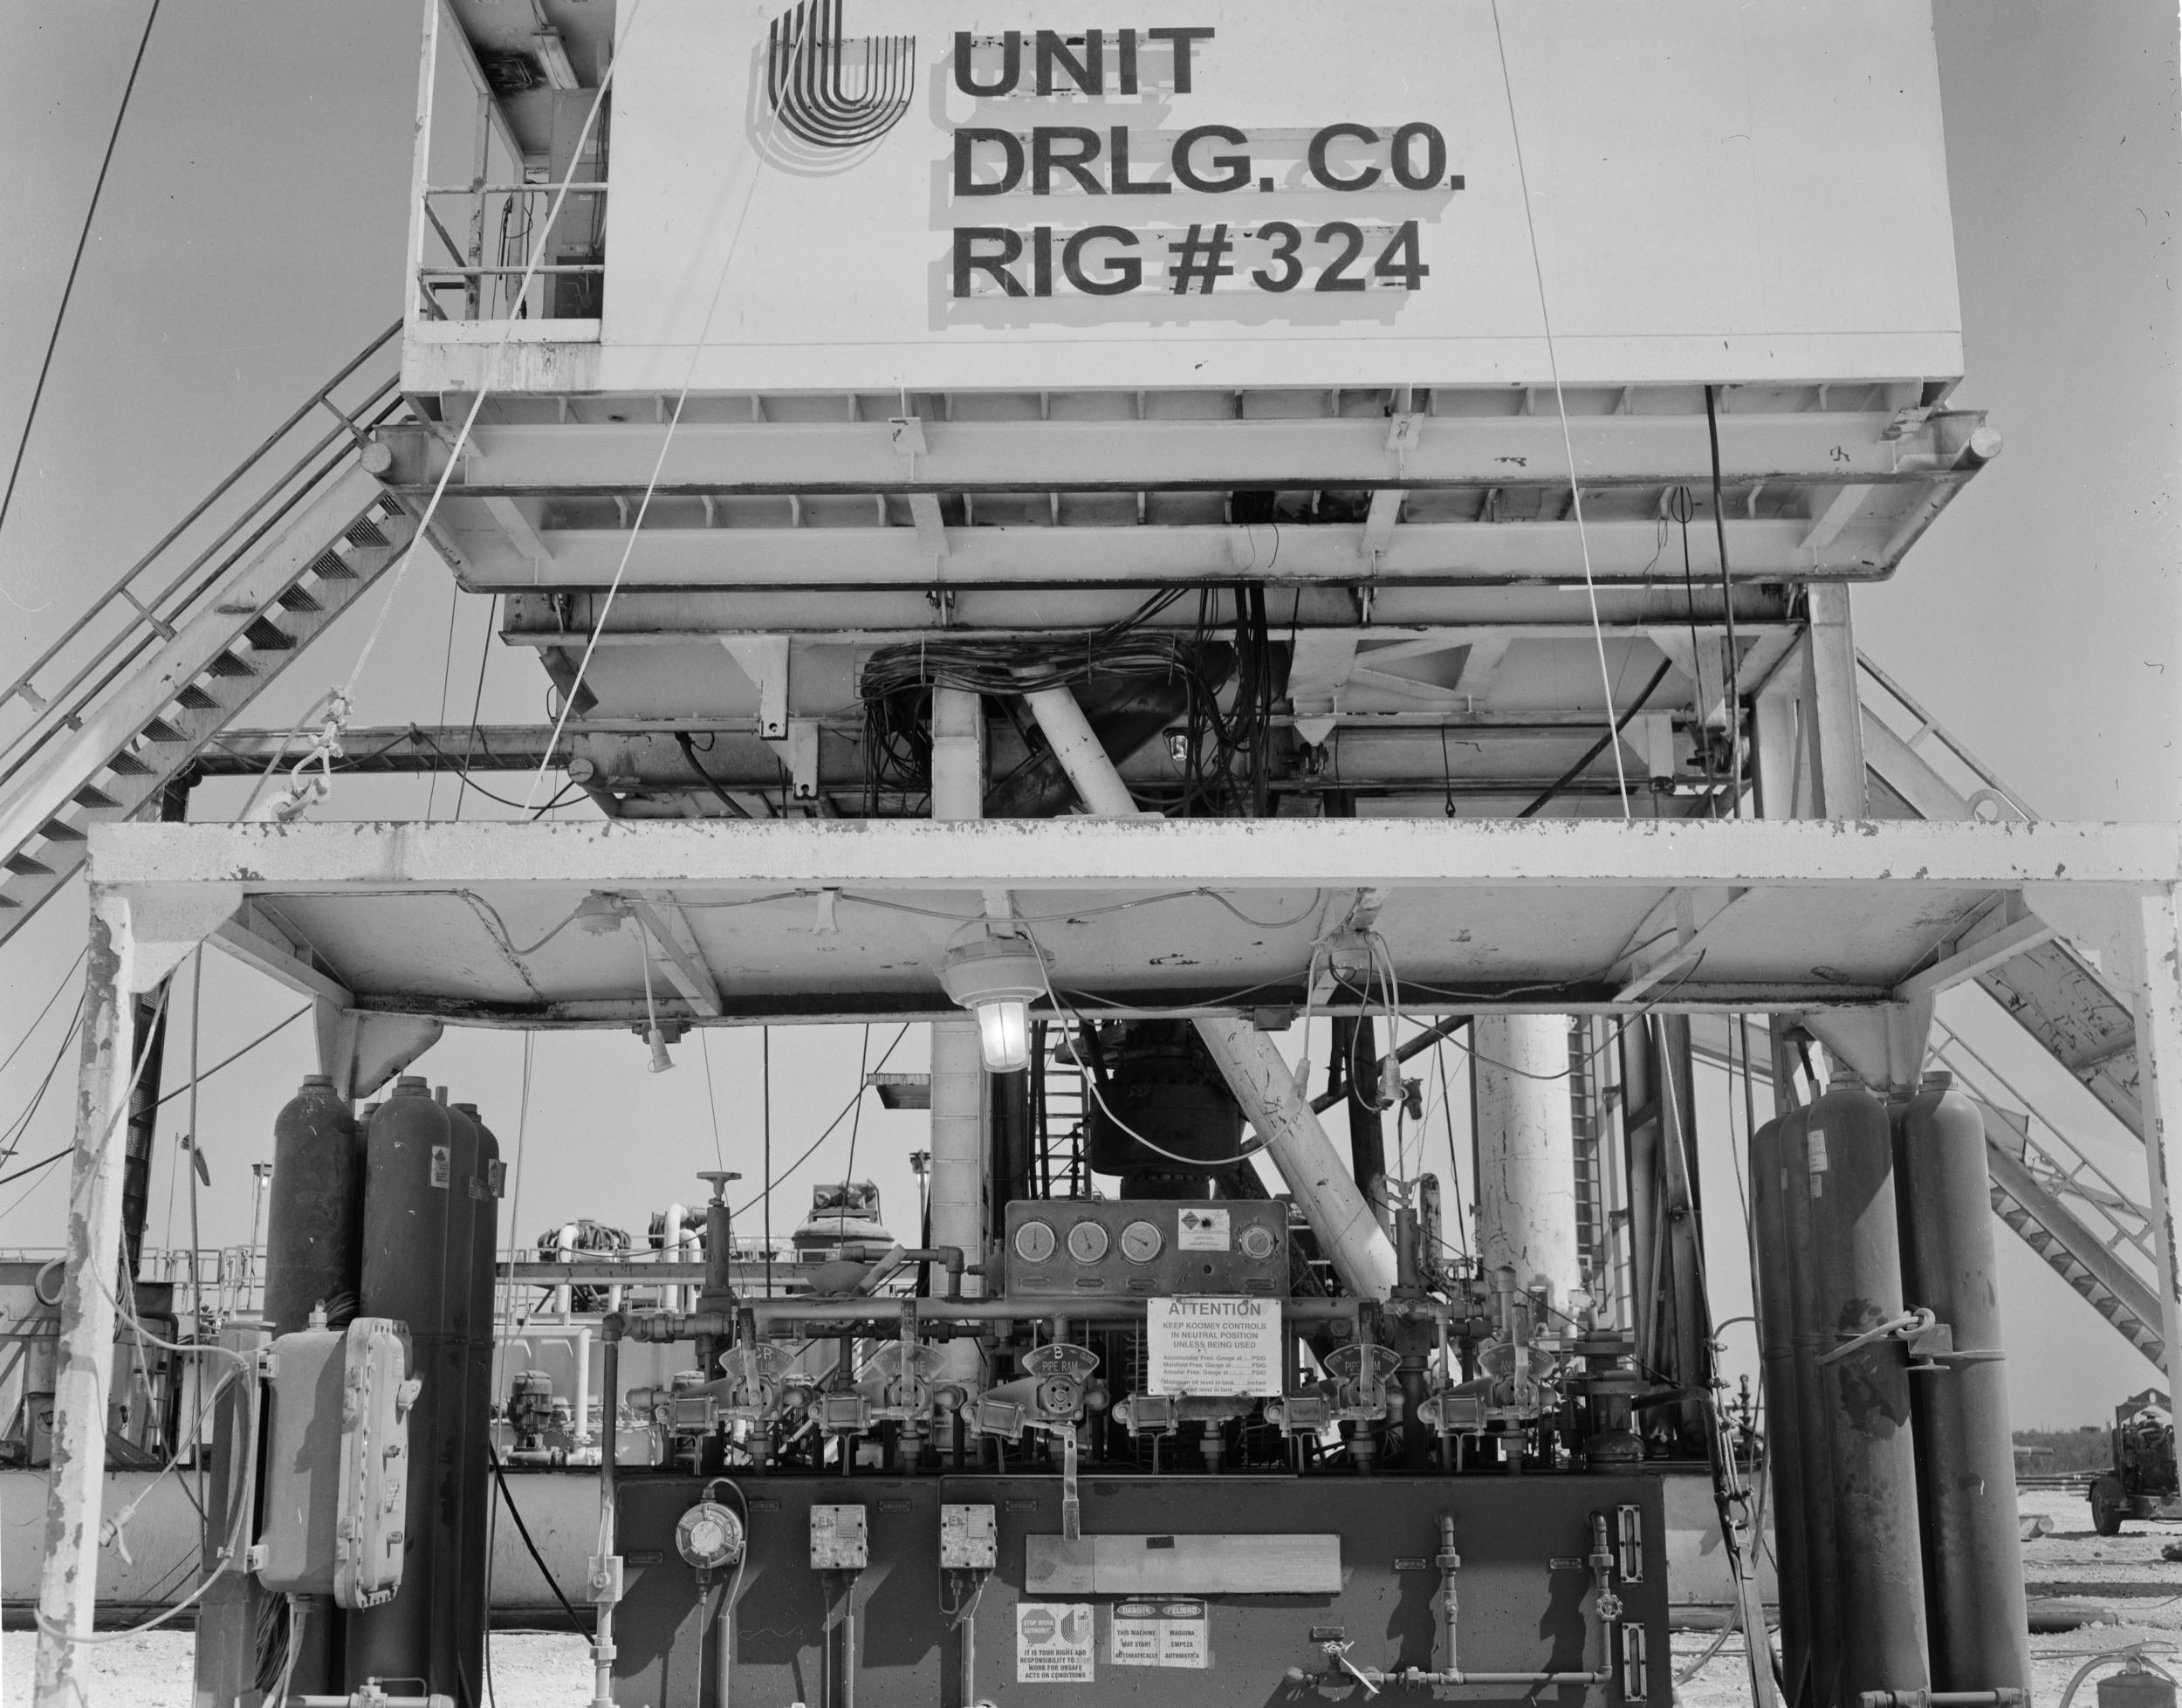 4x5 filmtaken in the oil fields of West Texas.